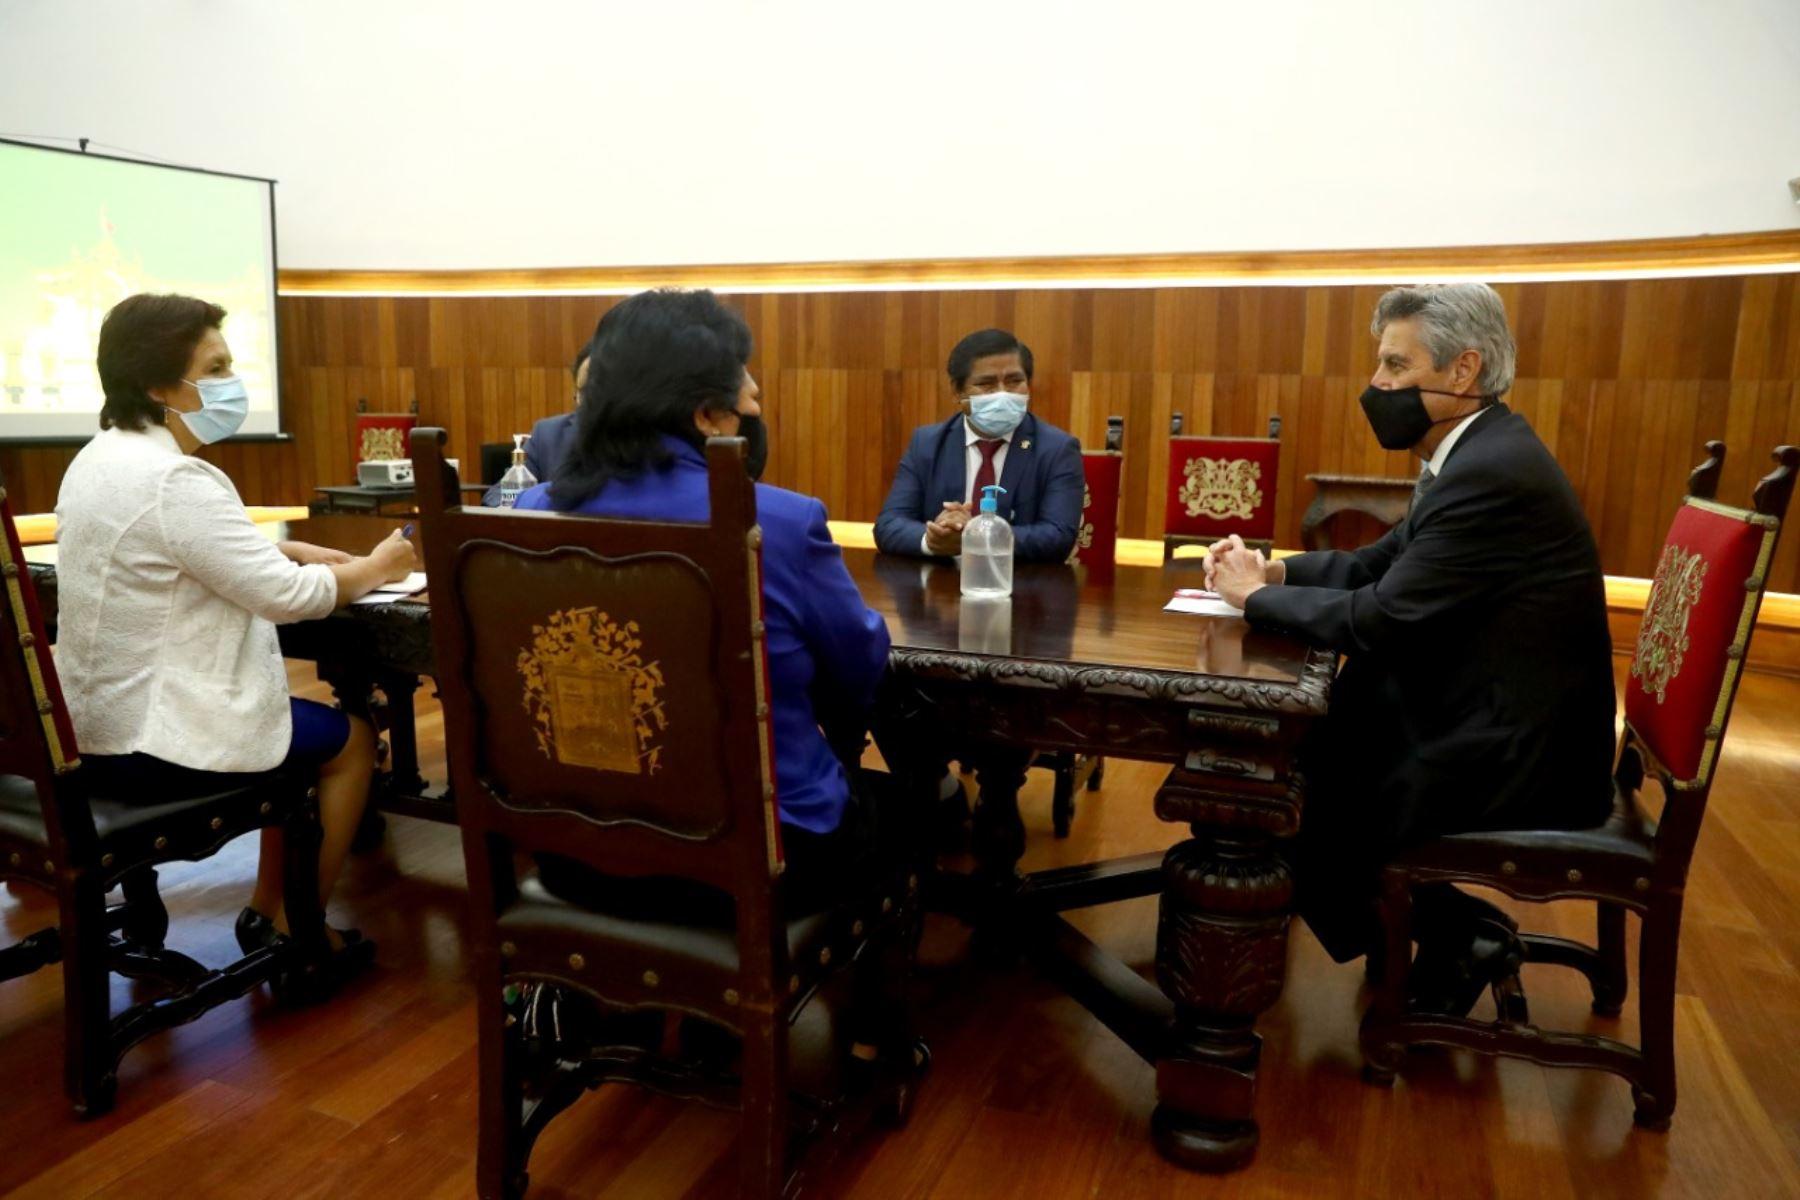 Presidente Francisco Sagasti se reúne en Palacio de Gobierno con miembros del partido Somos Perú y congresistas de la bancada. Foto: ANDINA/Prensa Presidencia